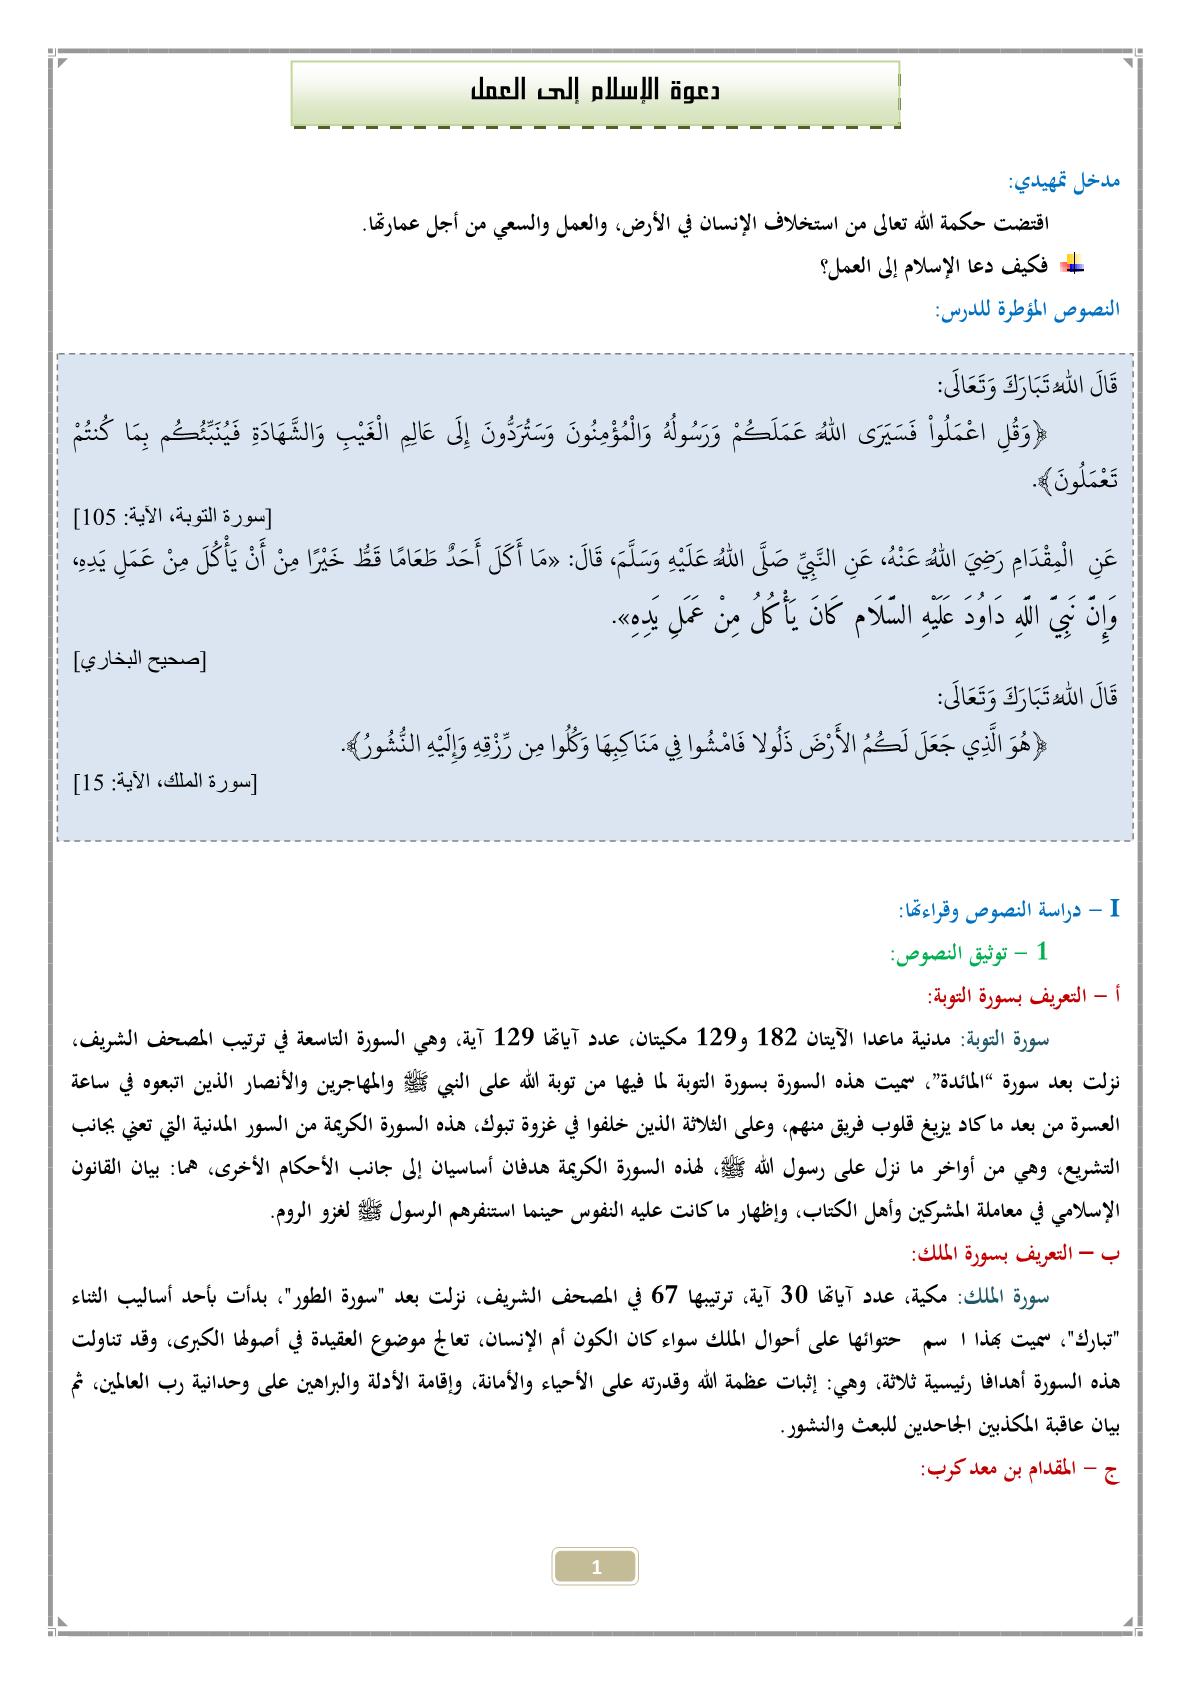 درس دعوة الإسلام إلى العمل للسنة الثانية إعدادي